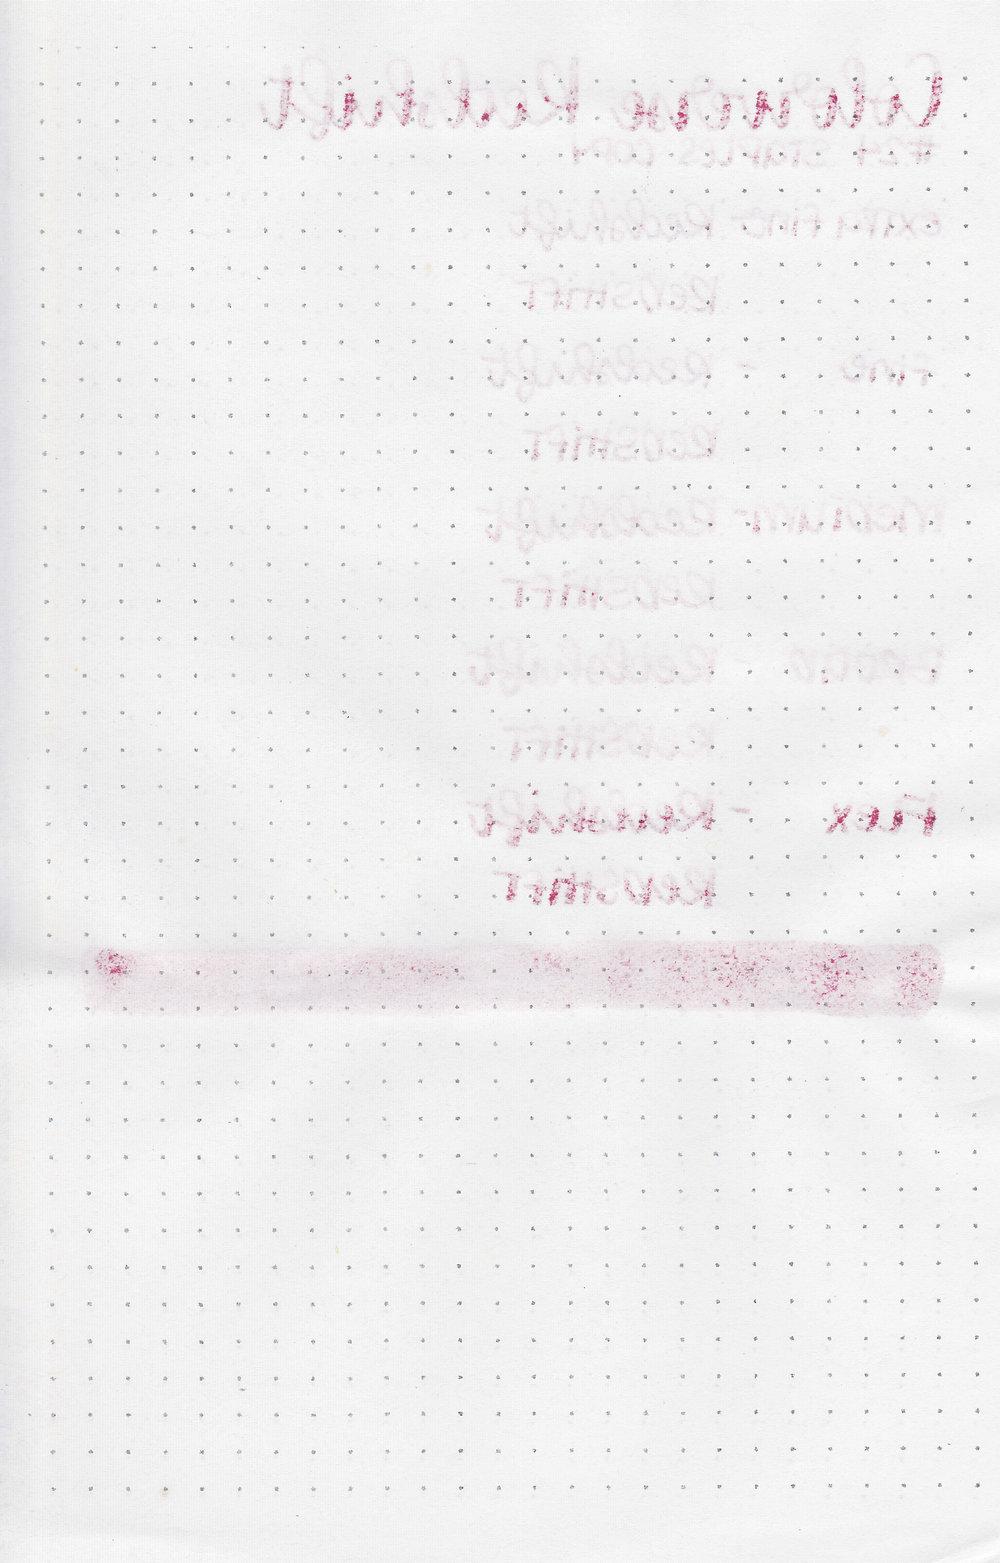 cv-redshift-10.jpg